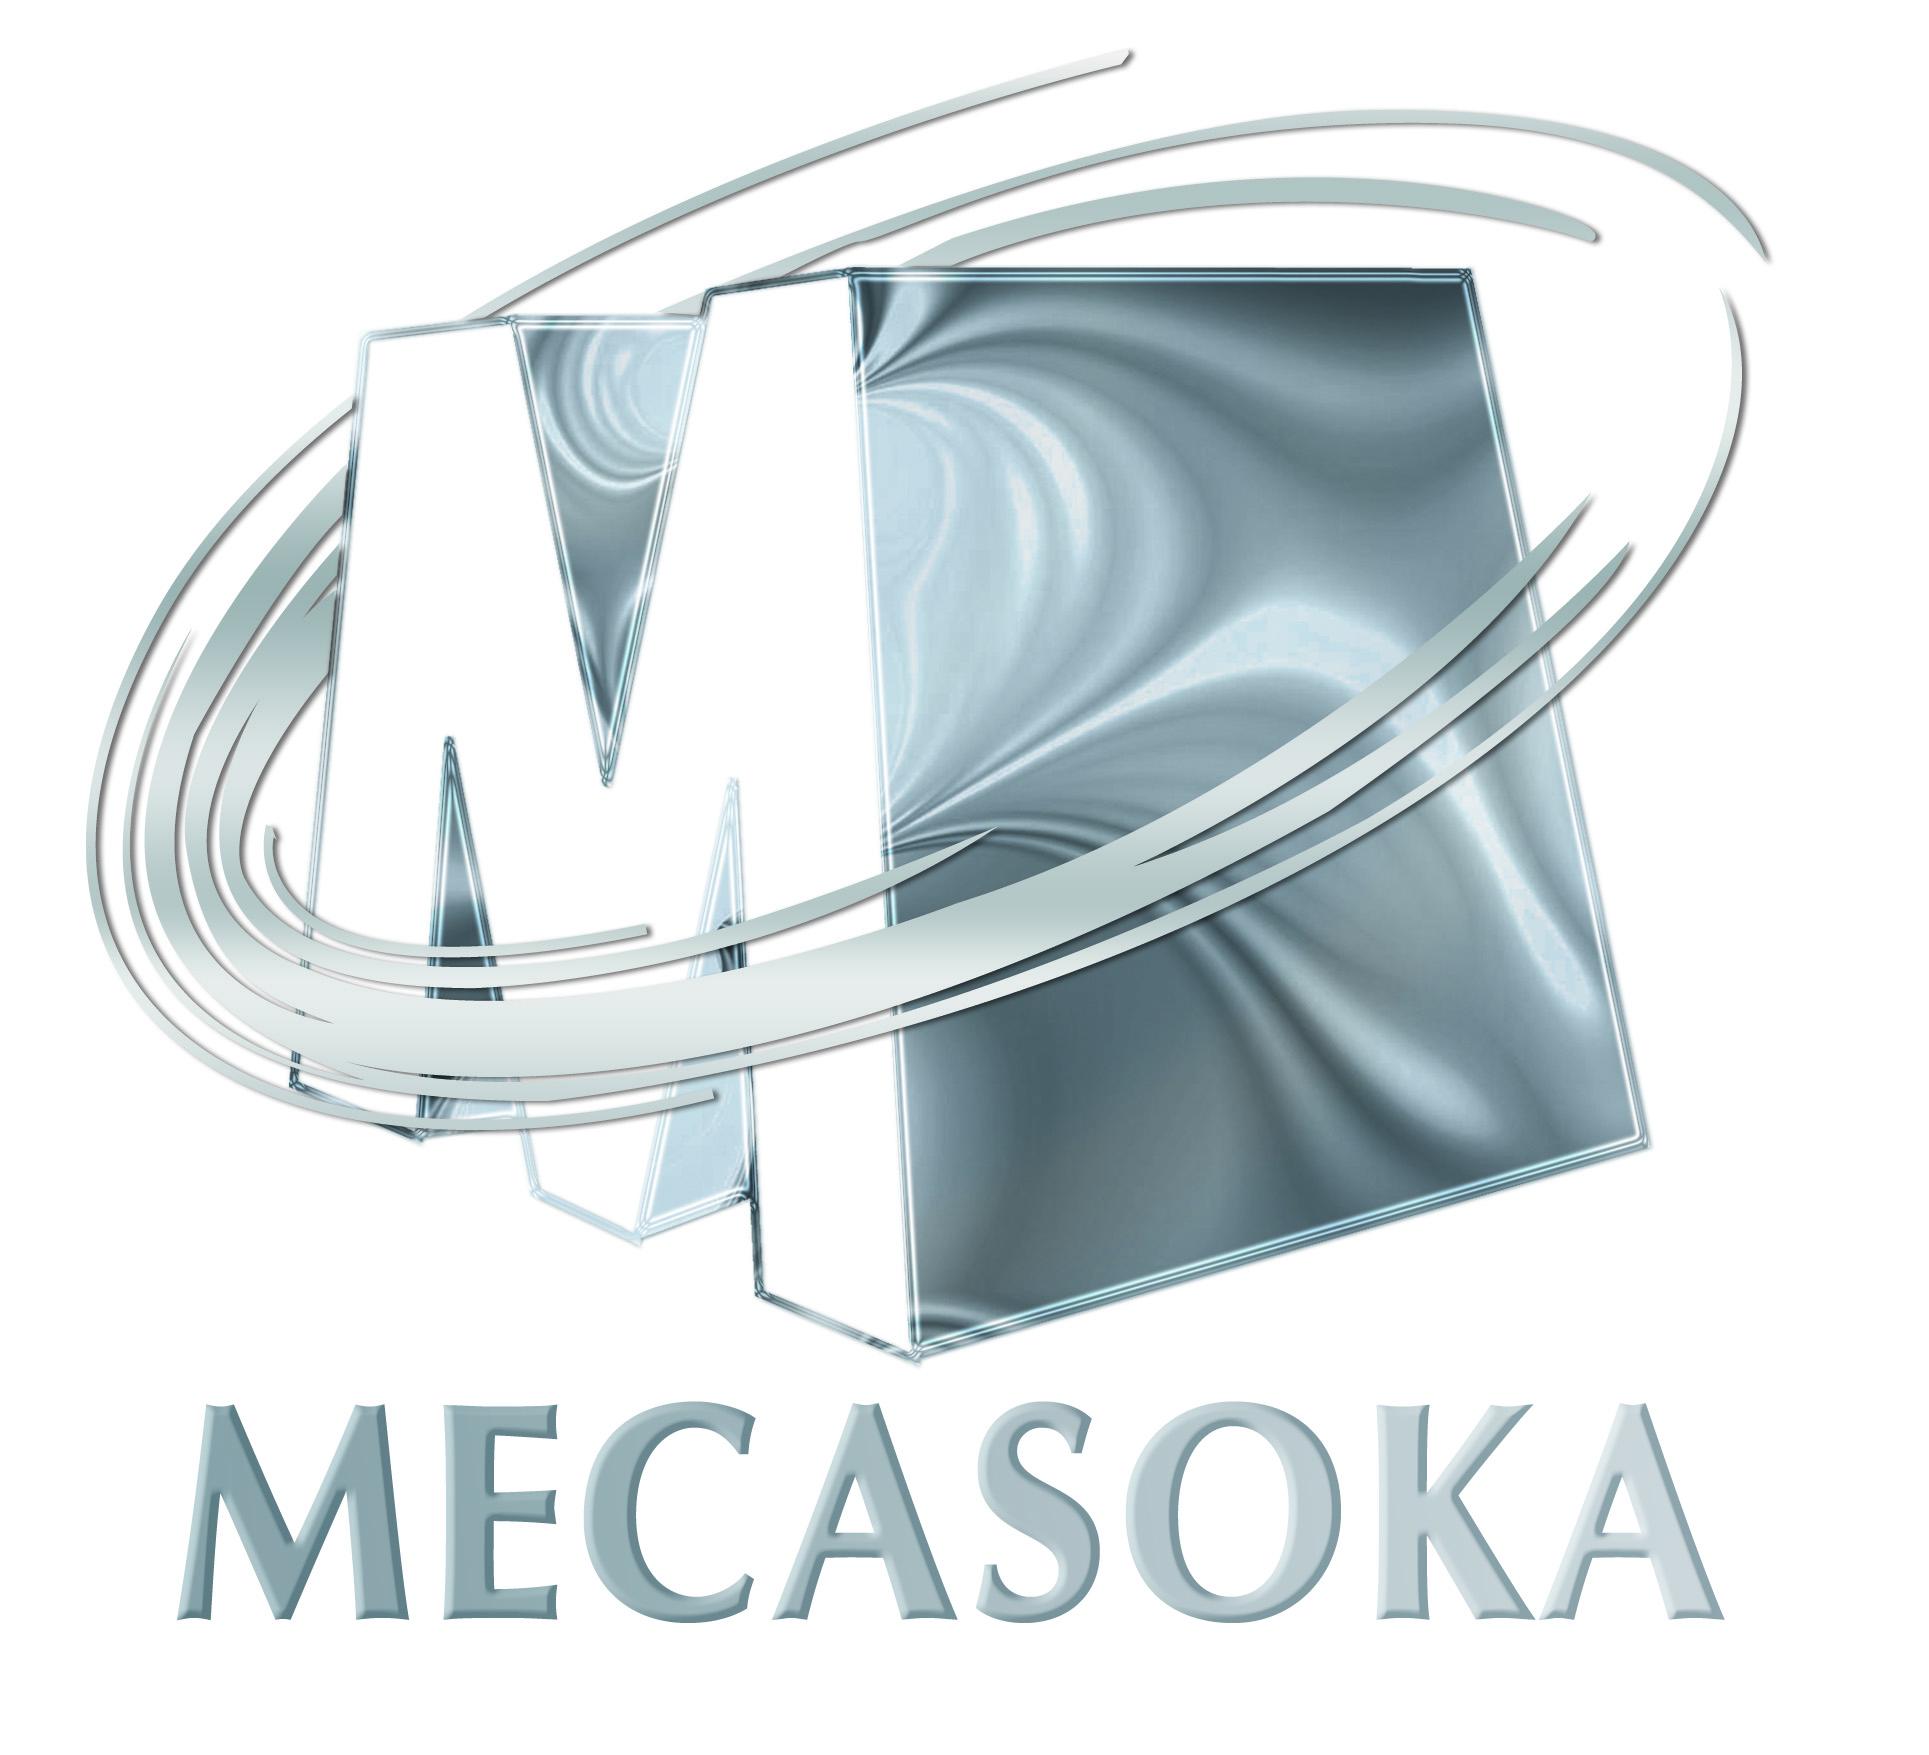 1546938898-mecasoka.jpg